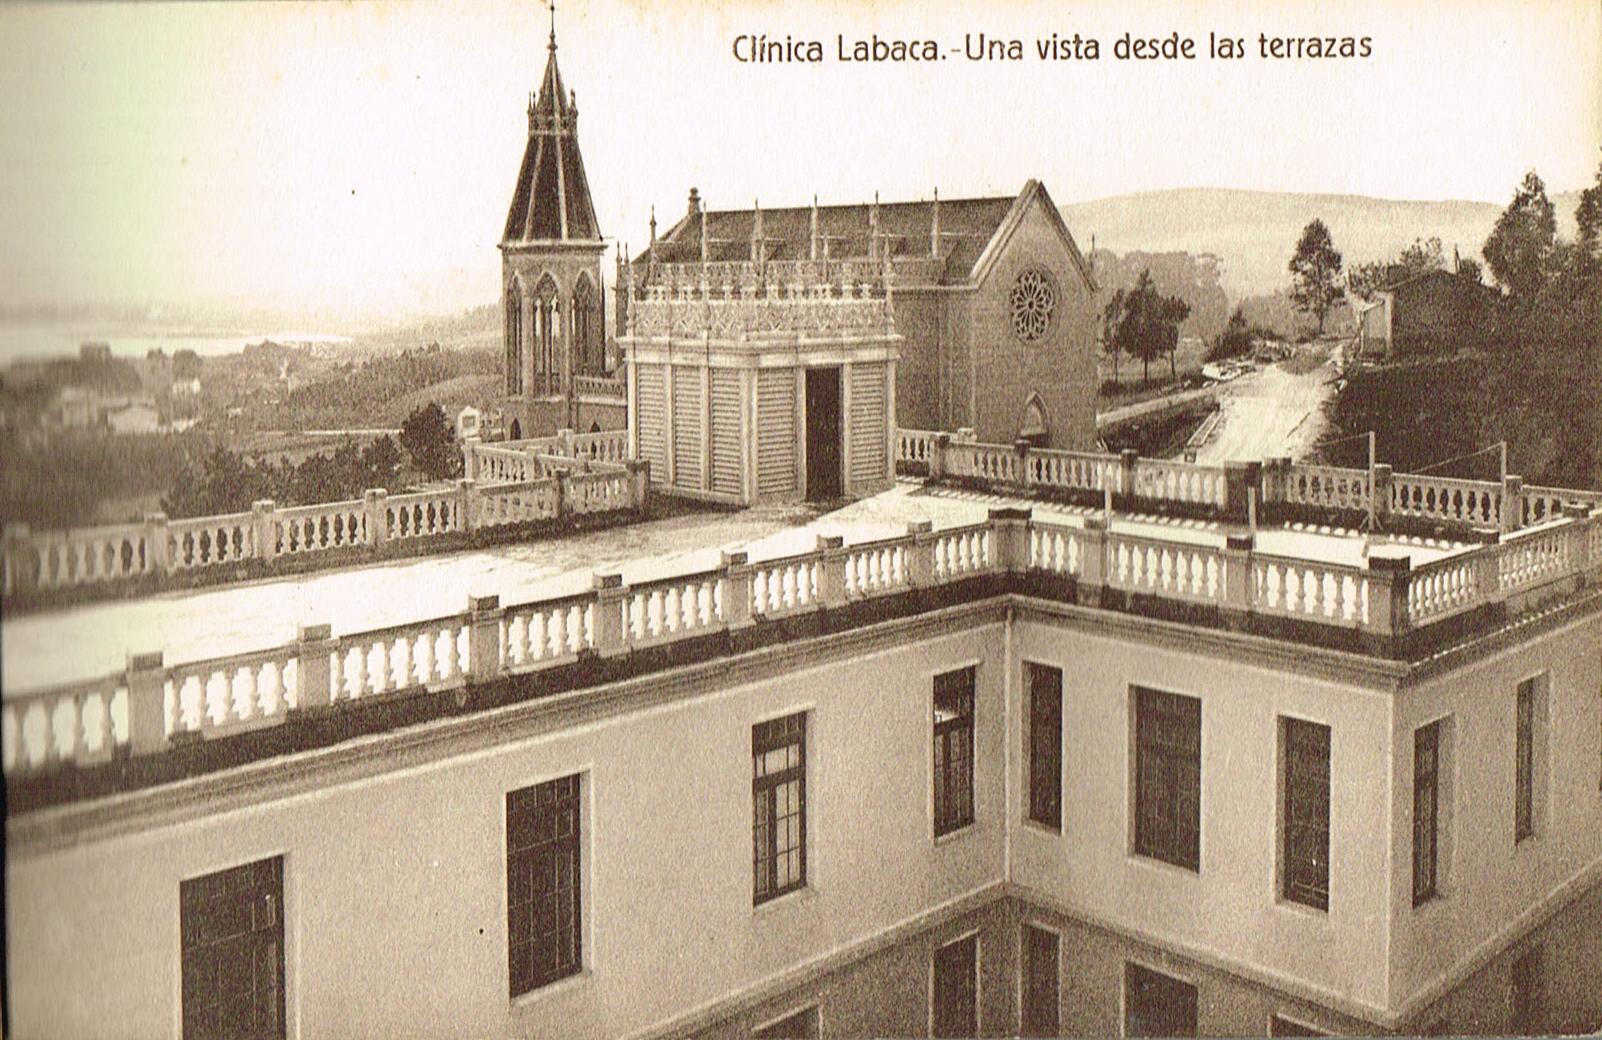 Clínica Labaca, vista desde las terrazas